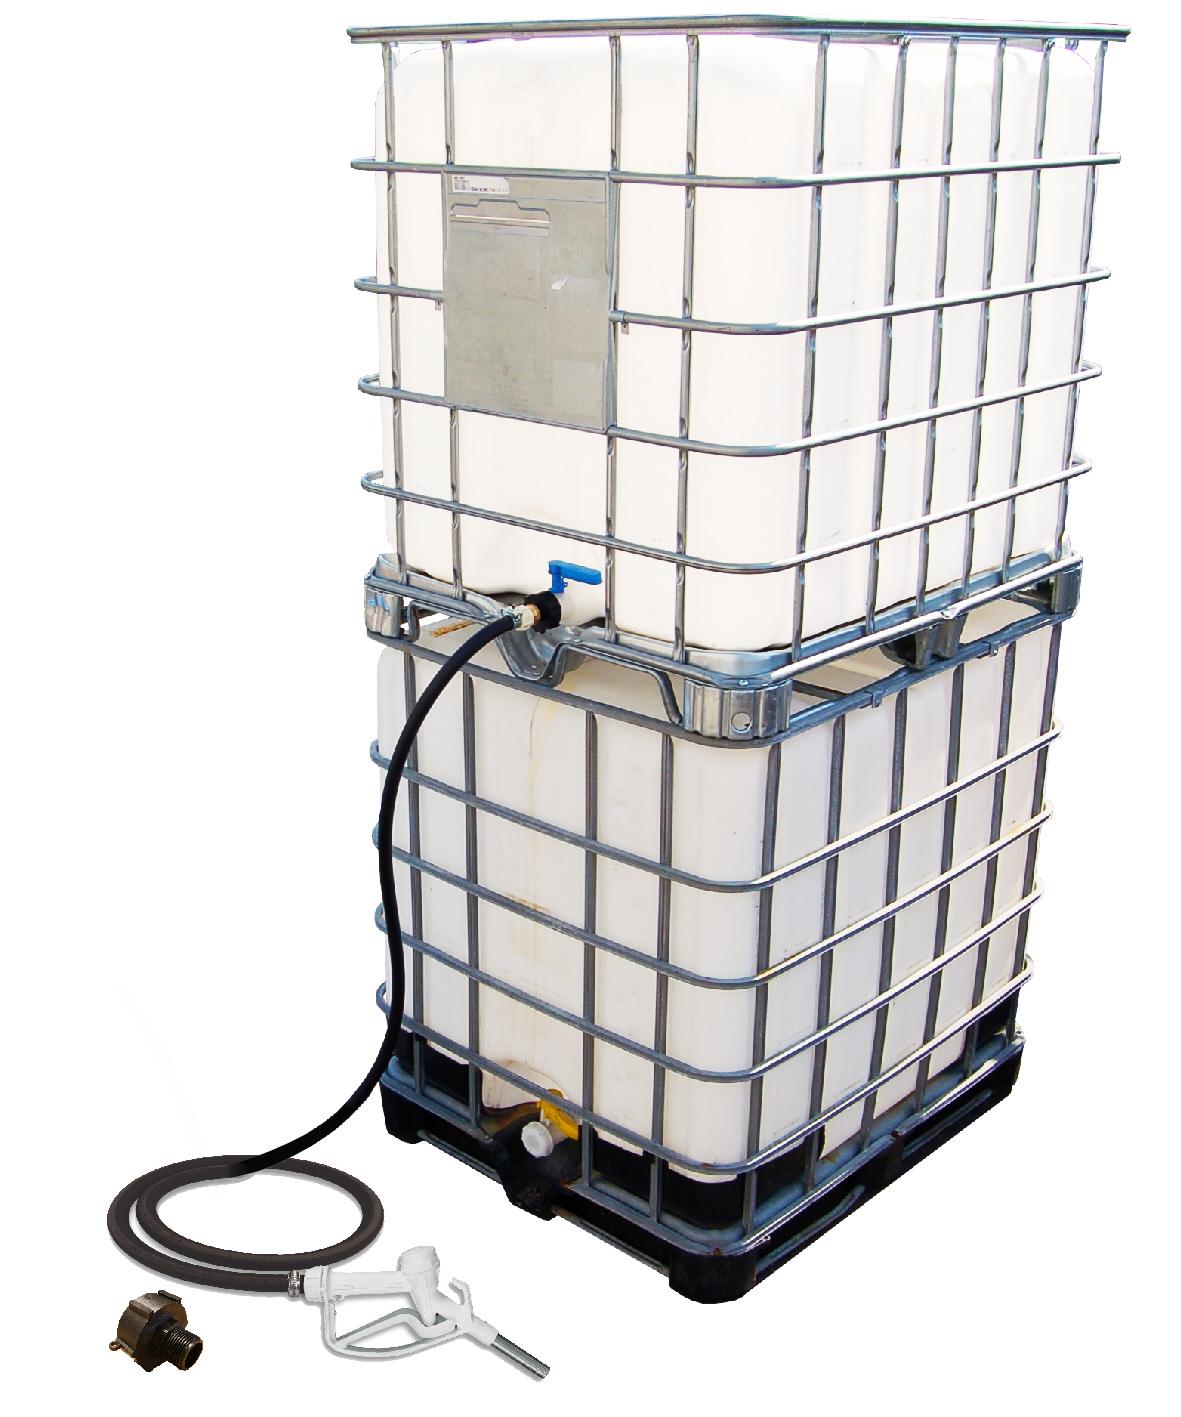 adblue pumps tanks d h group. Black Bedroom Furniture Sets. Home Design Ideas